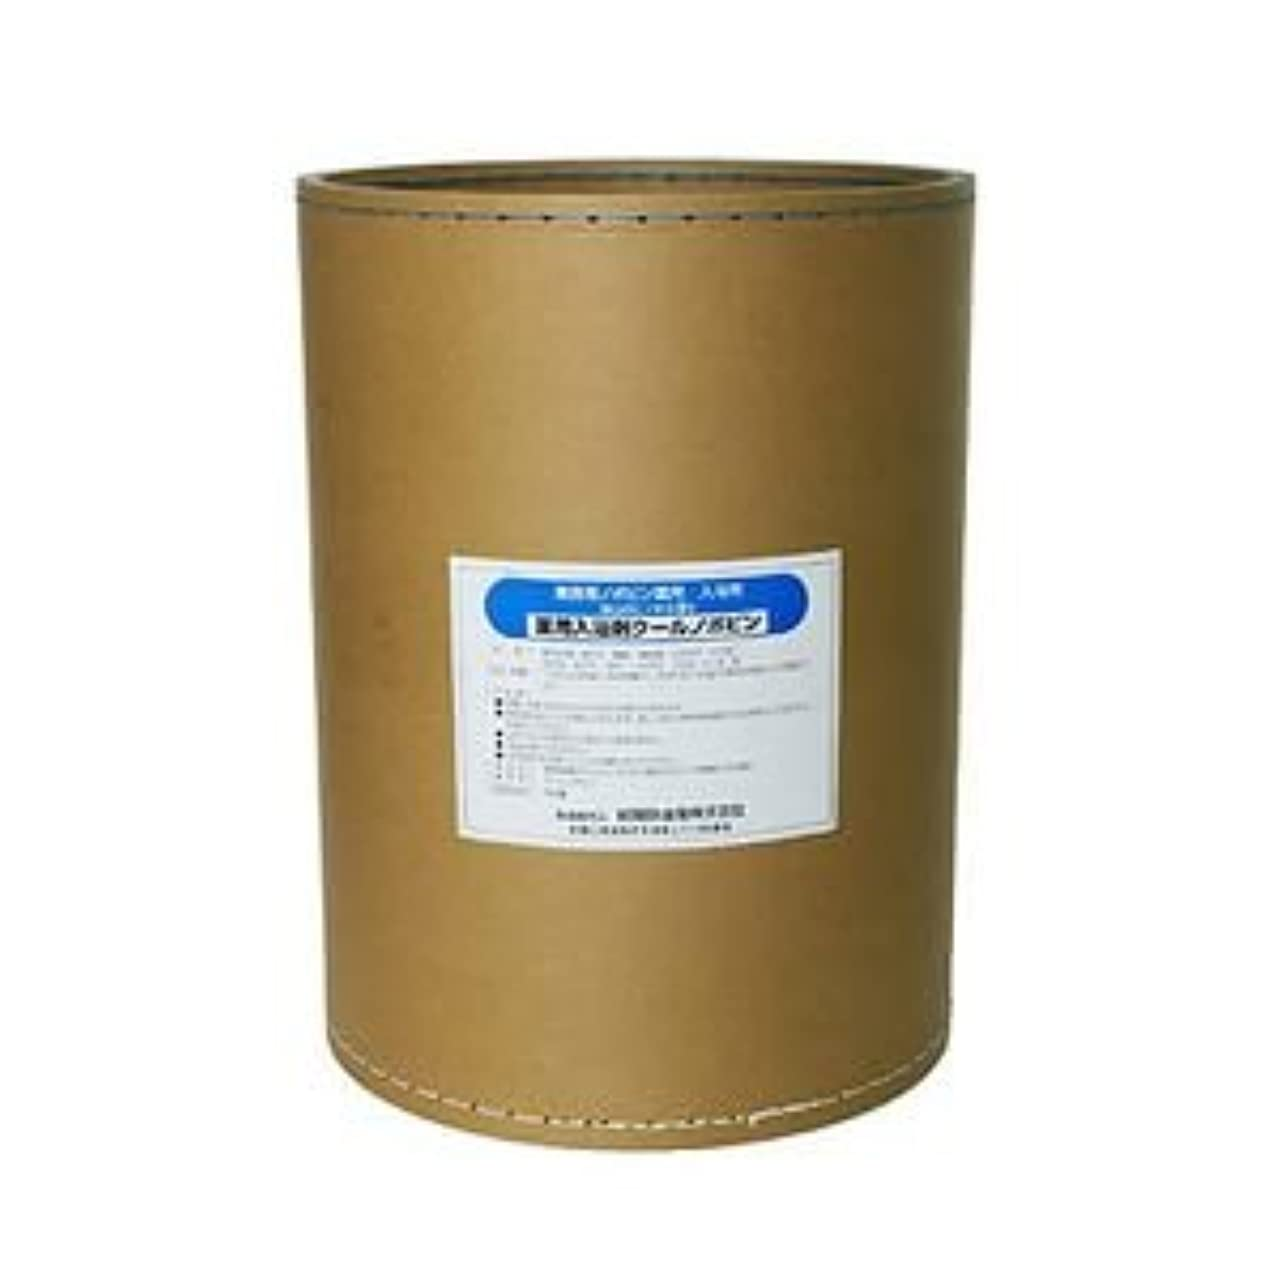 勘違いする力強い力強い業務用入浴剤 クールノボピン 18kg